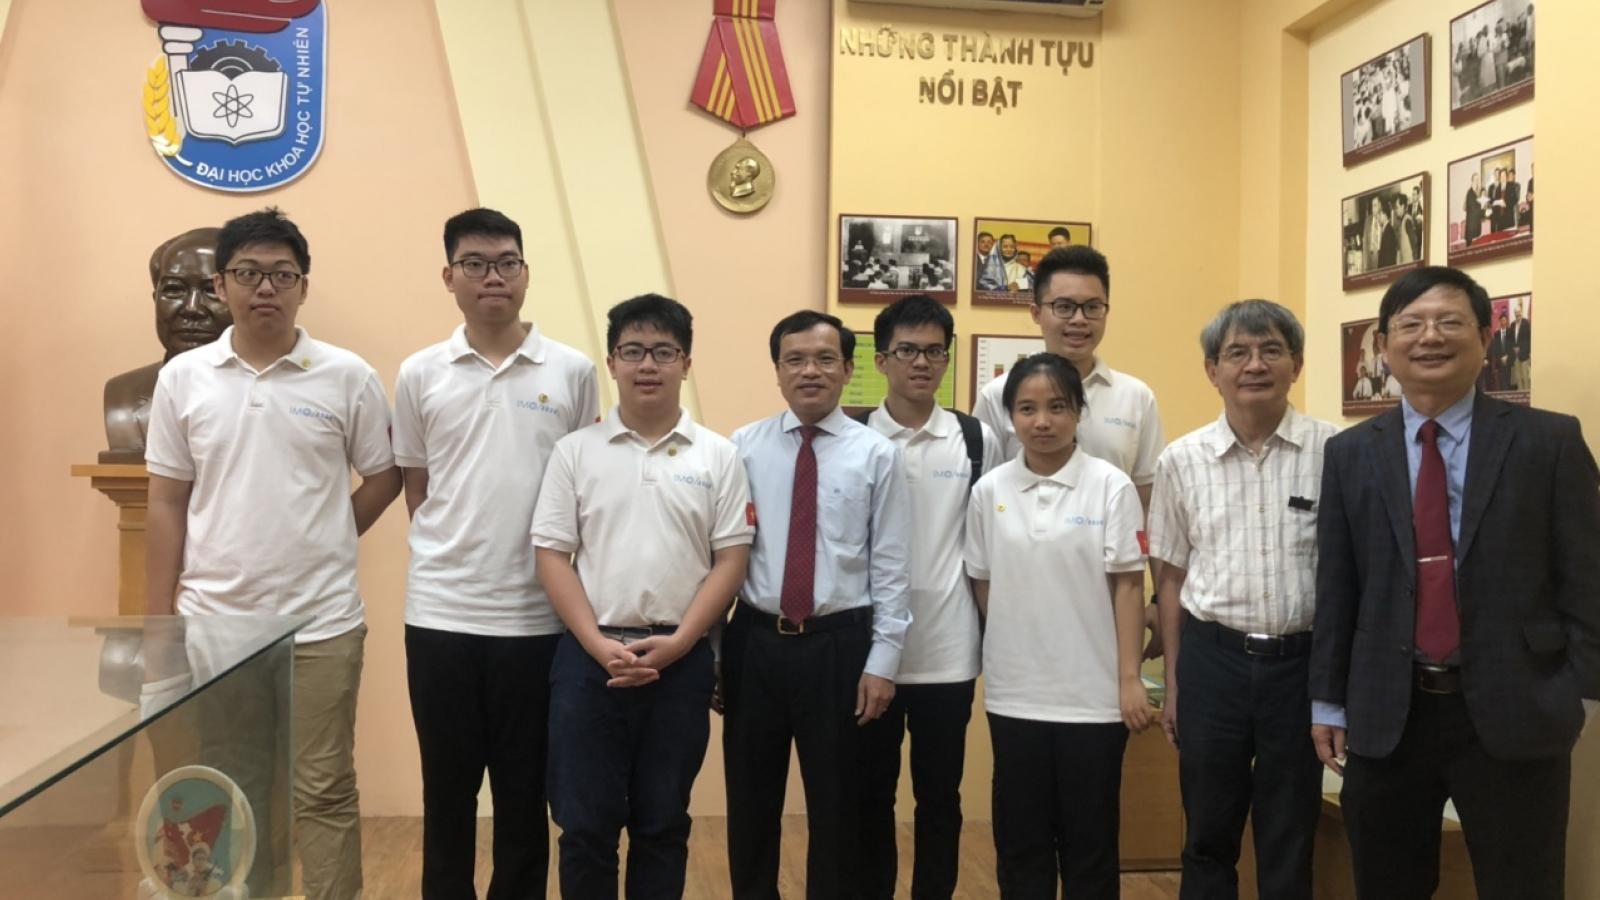 6 thí sinh Việt Nam thi Olympic Toán học quốc tế đều đoạt huy chương